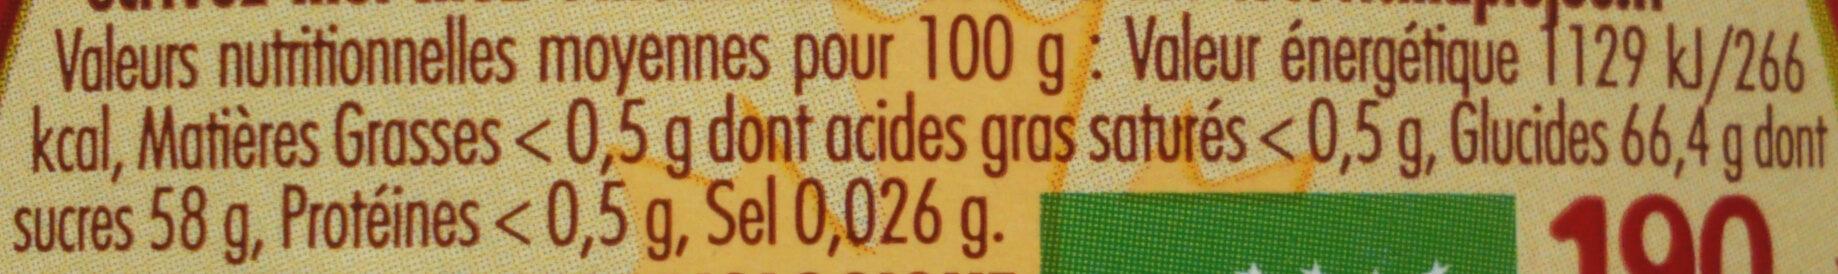 Sirop d'érable Bio - Nutrition facts